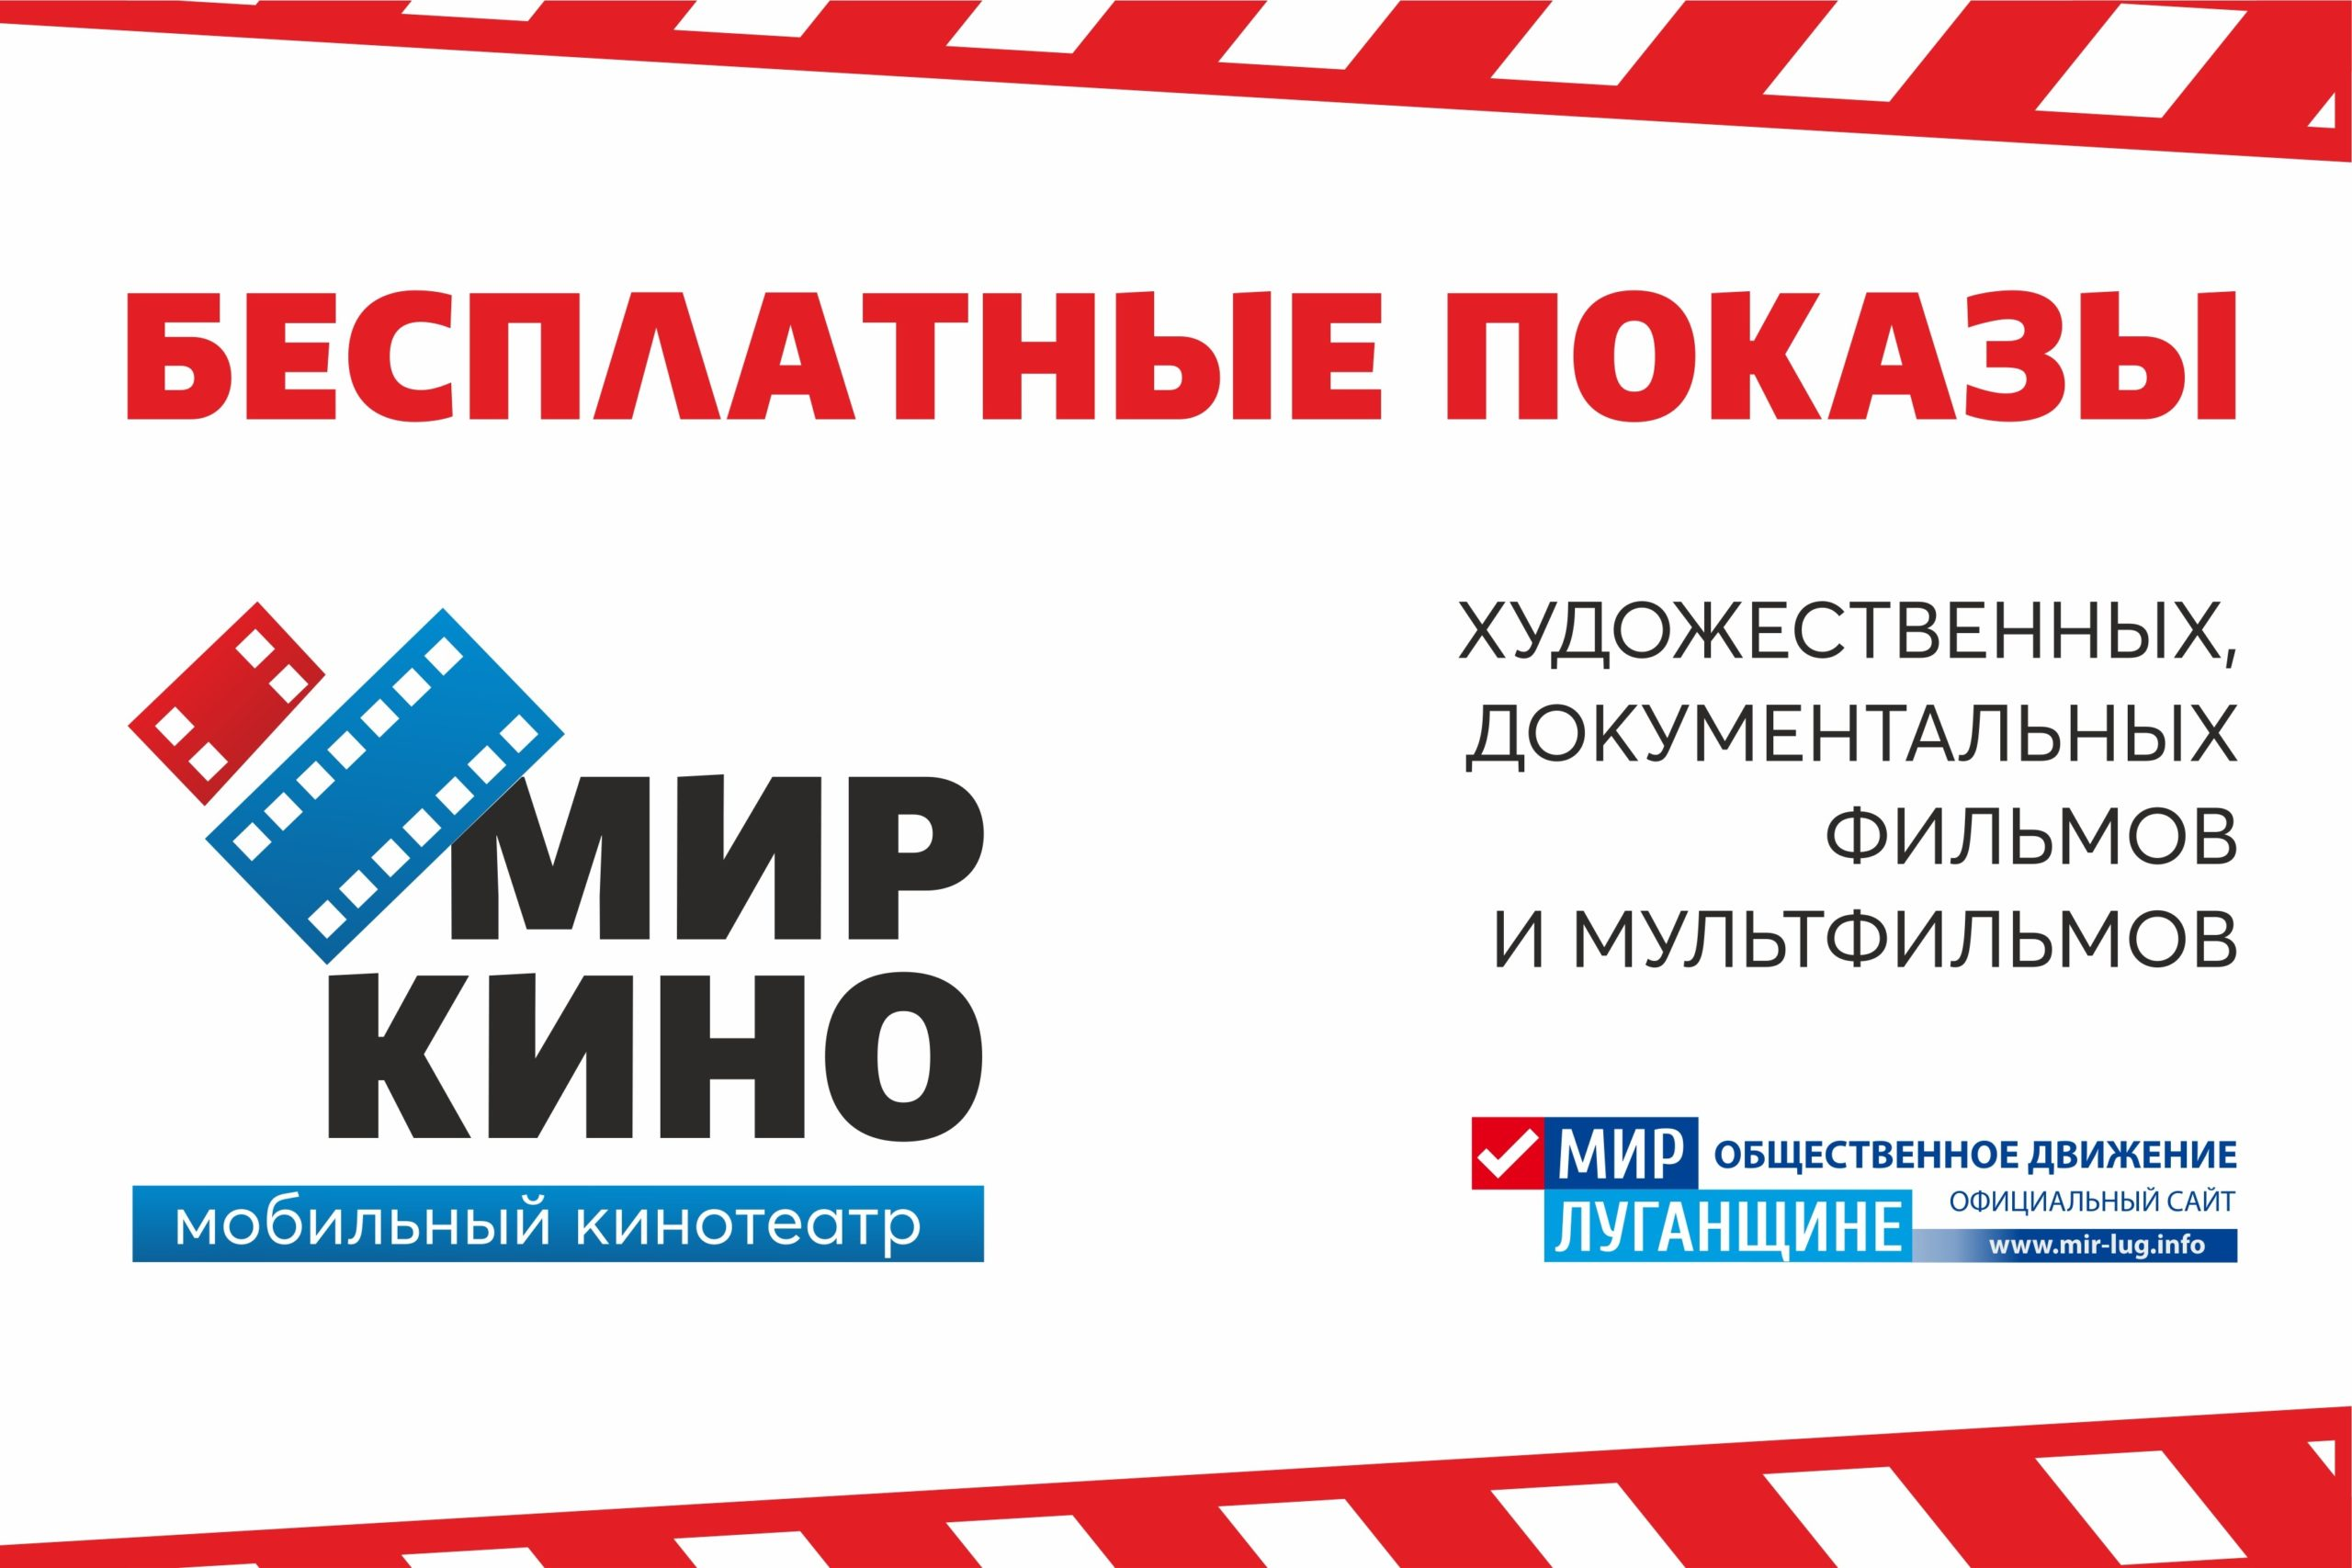 В рамках проекта «Мир кино» в Первомайске пройдет бесплатный показ фильма «Движение вверх» 1